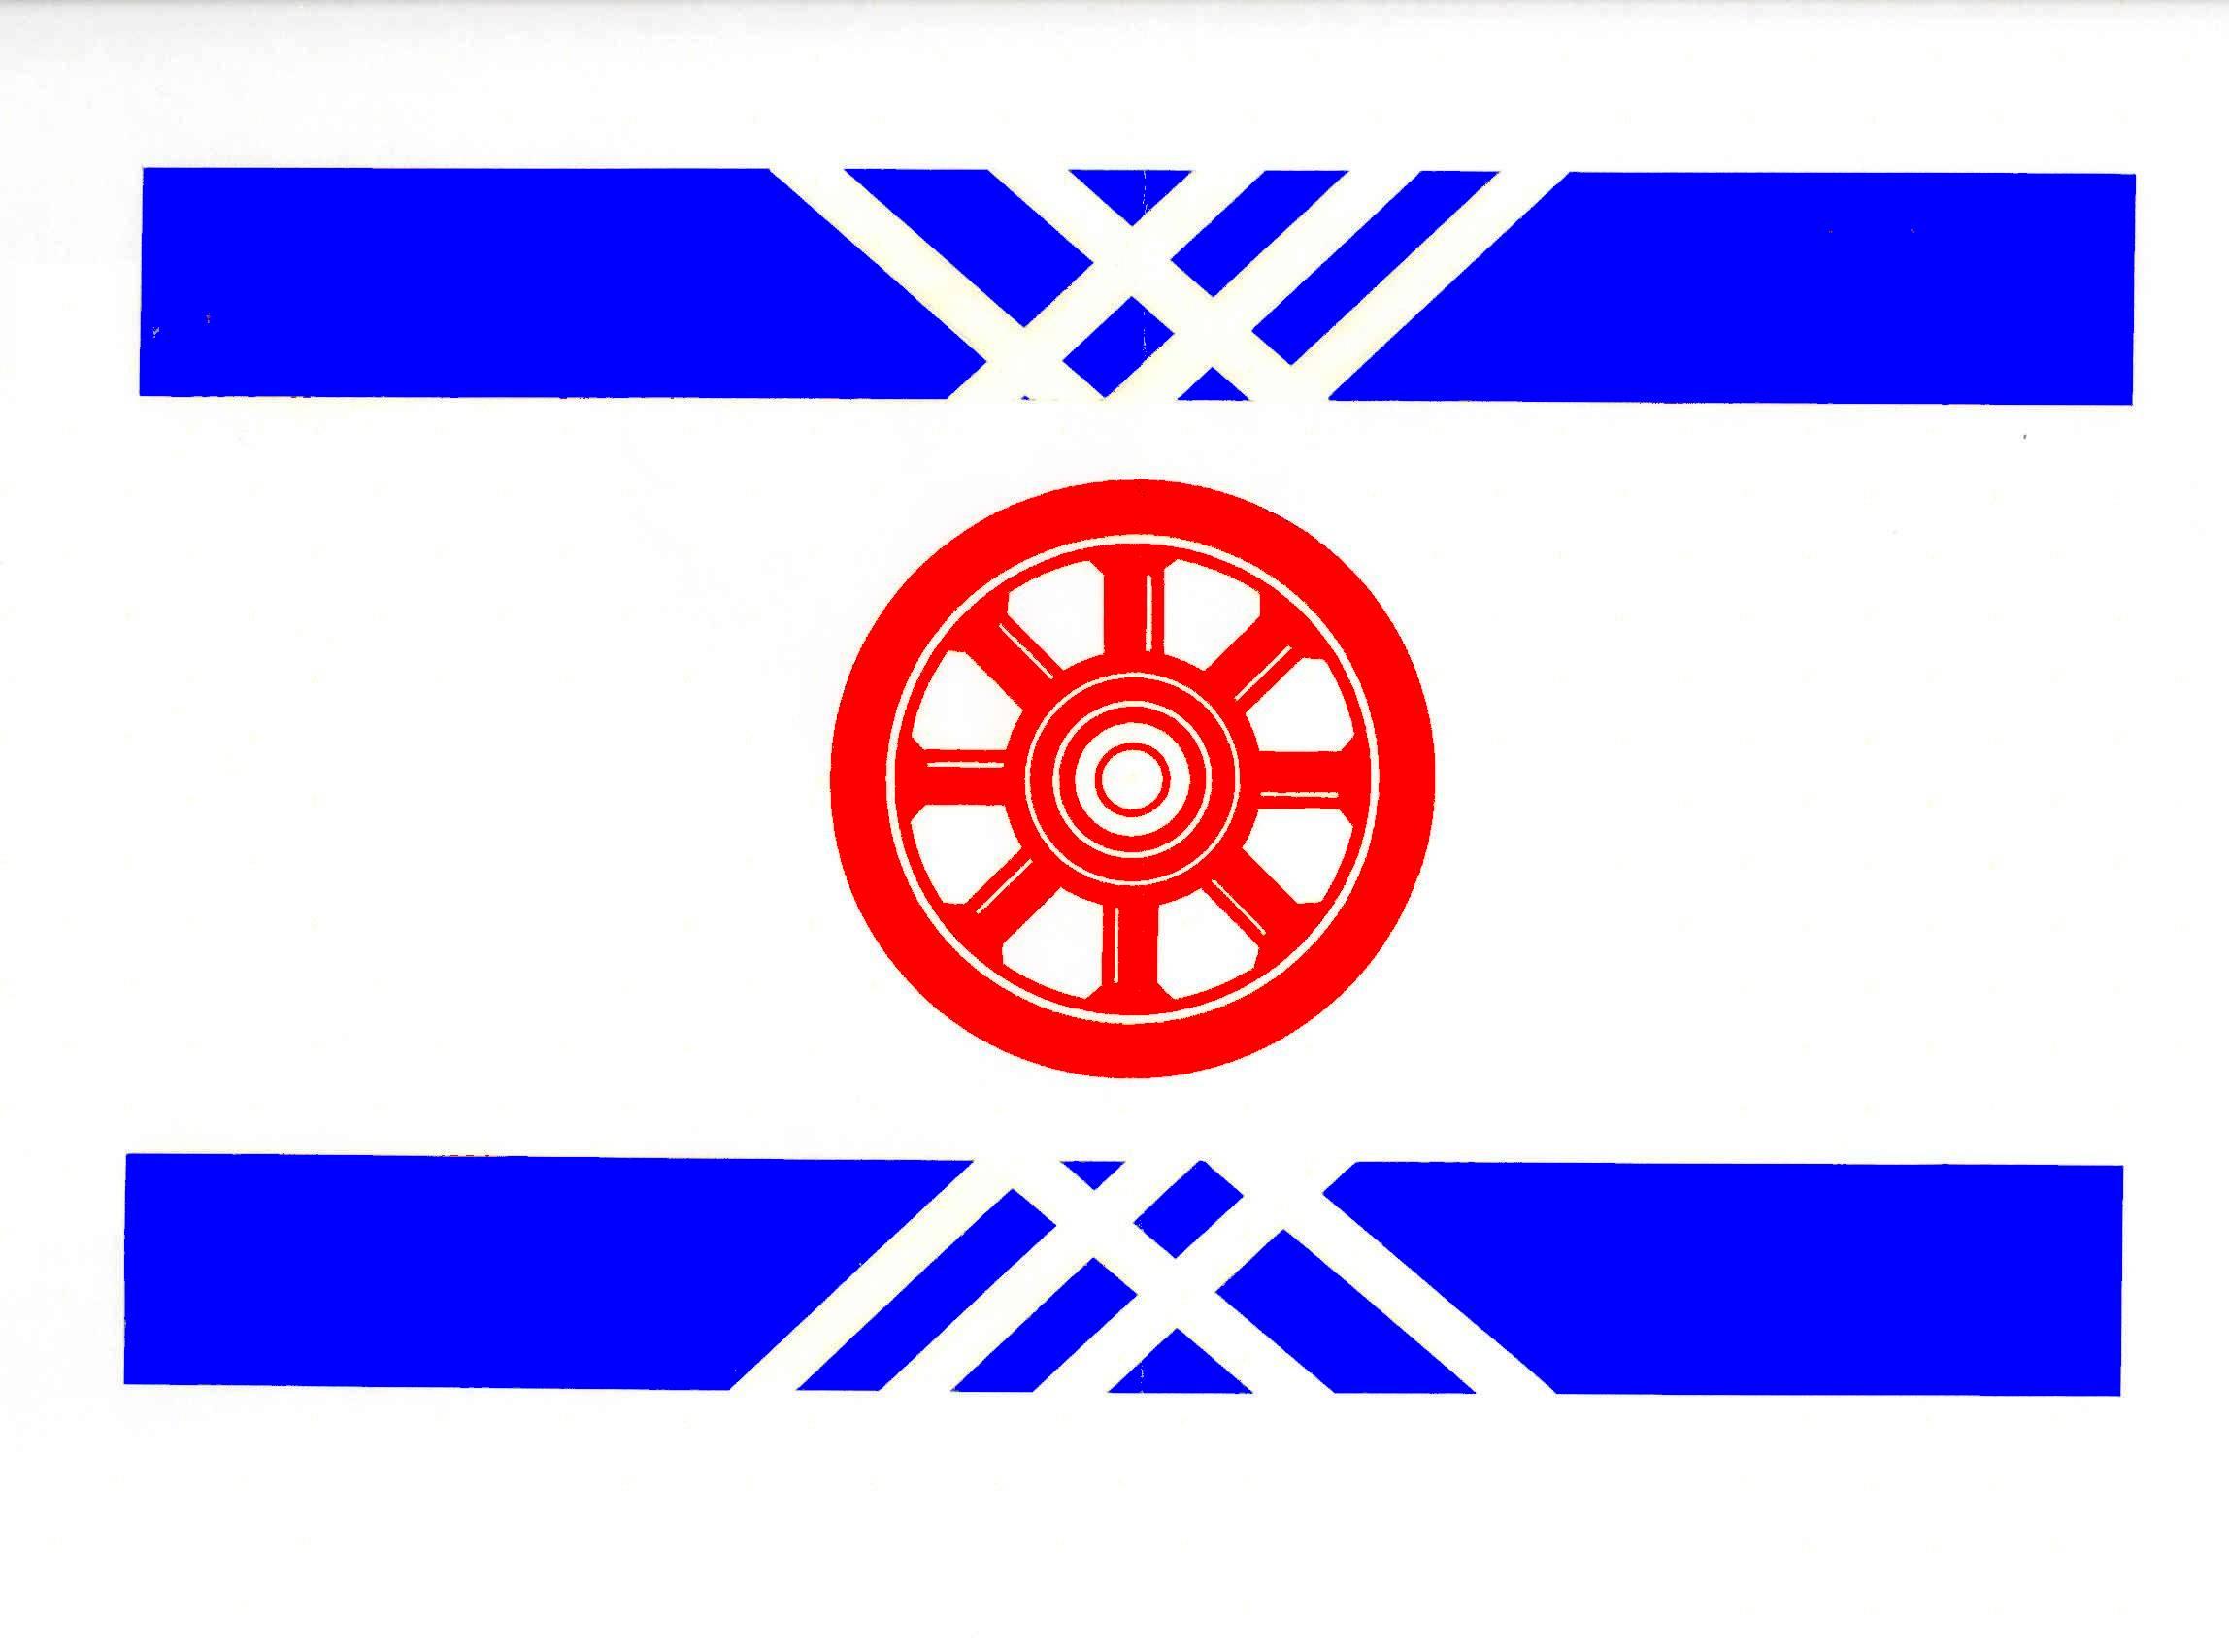 Flagge StadtBargteheide, Kreis Stormarn